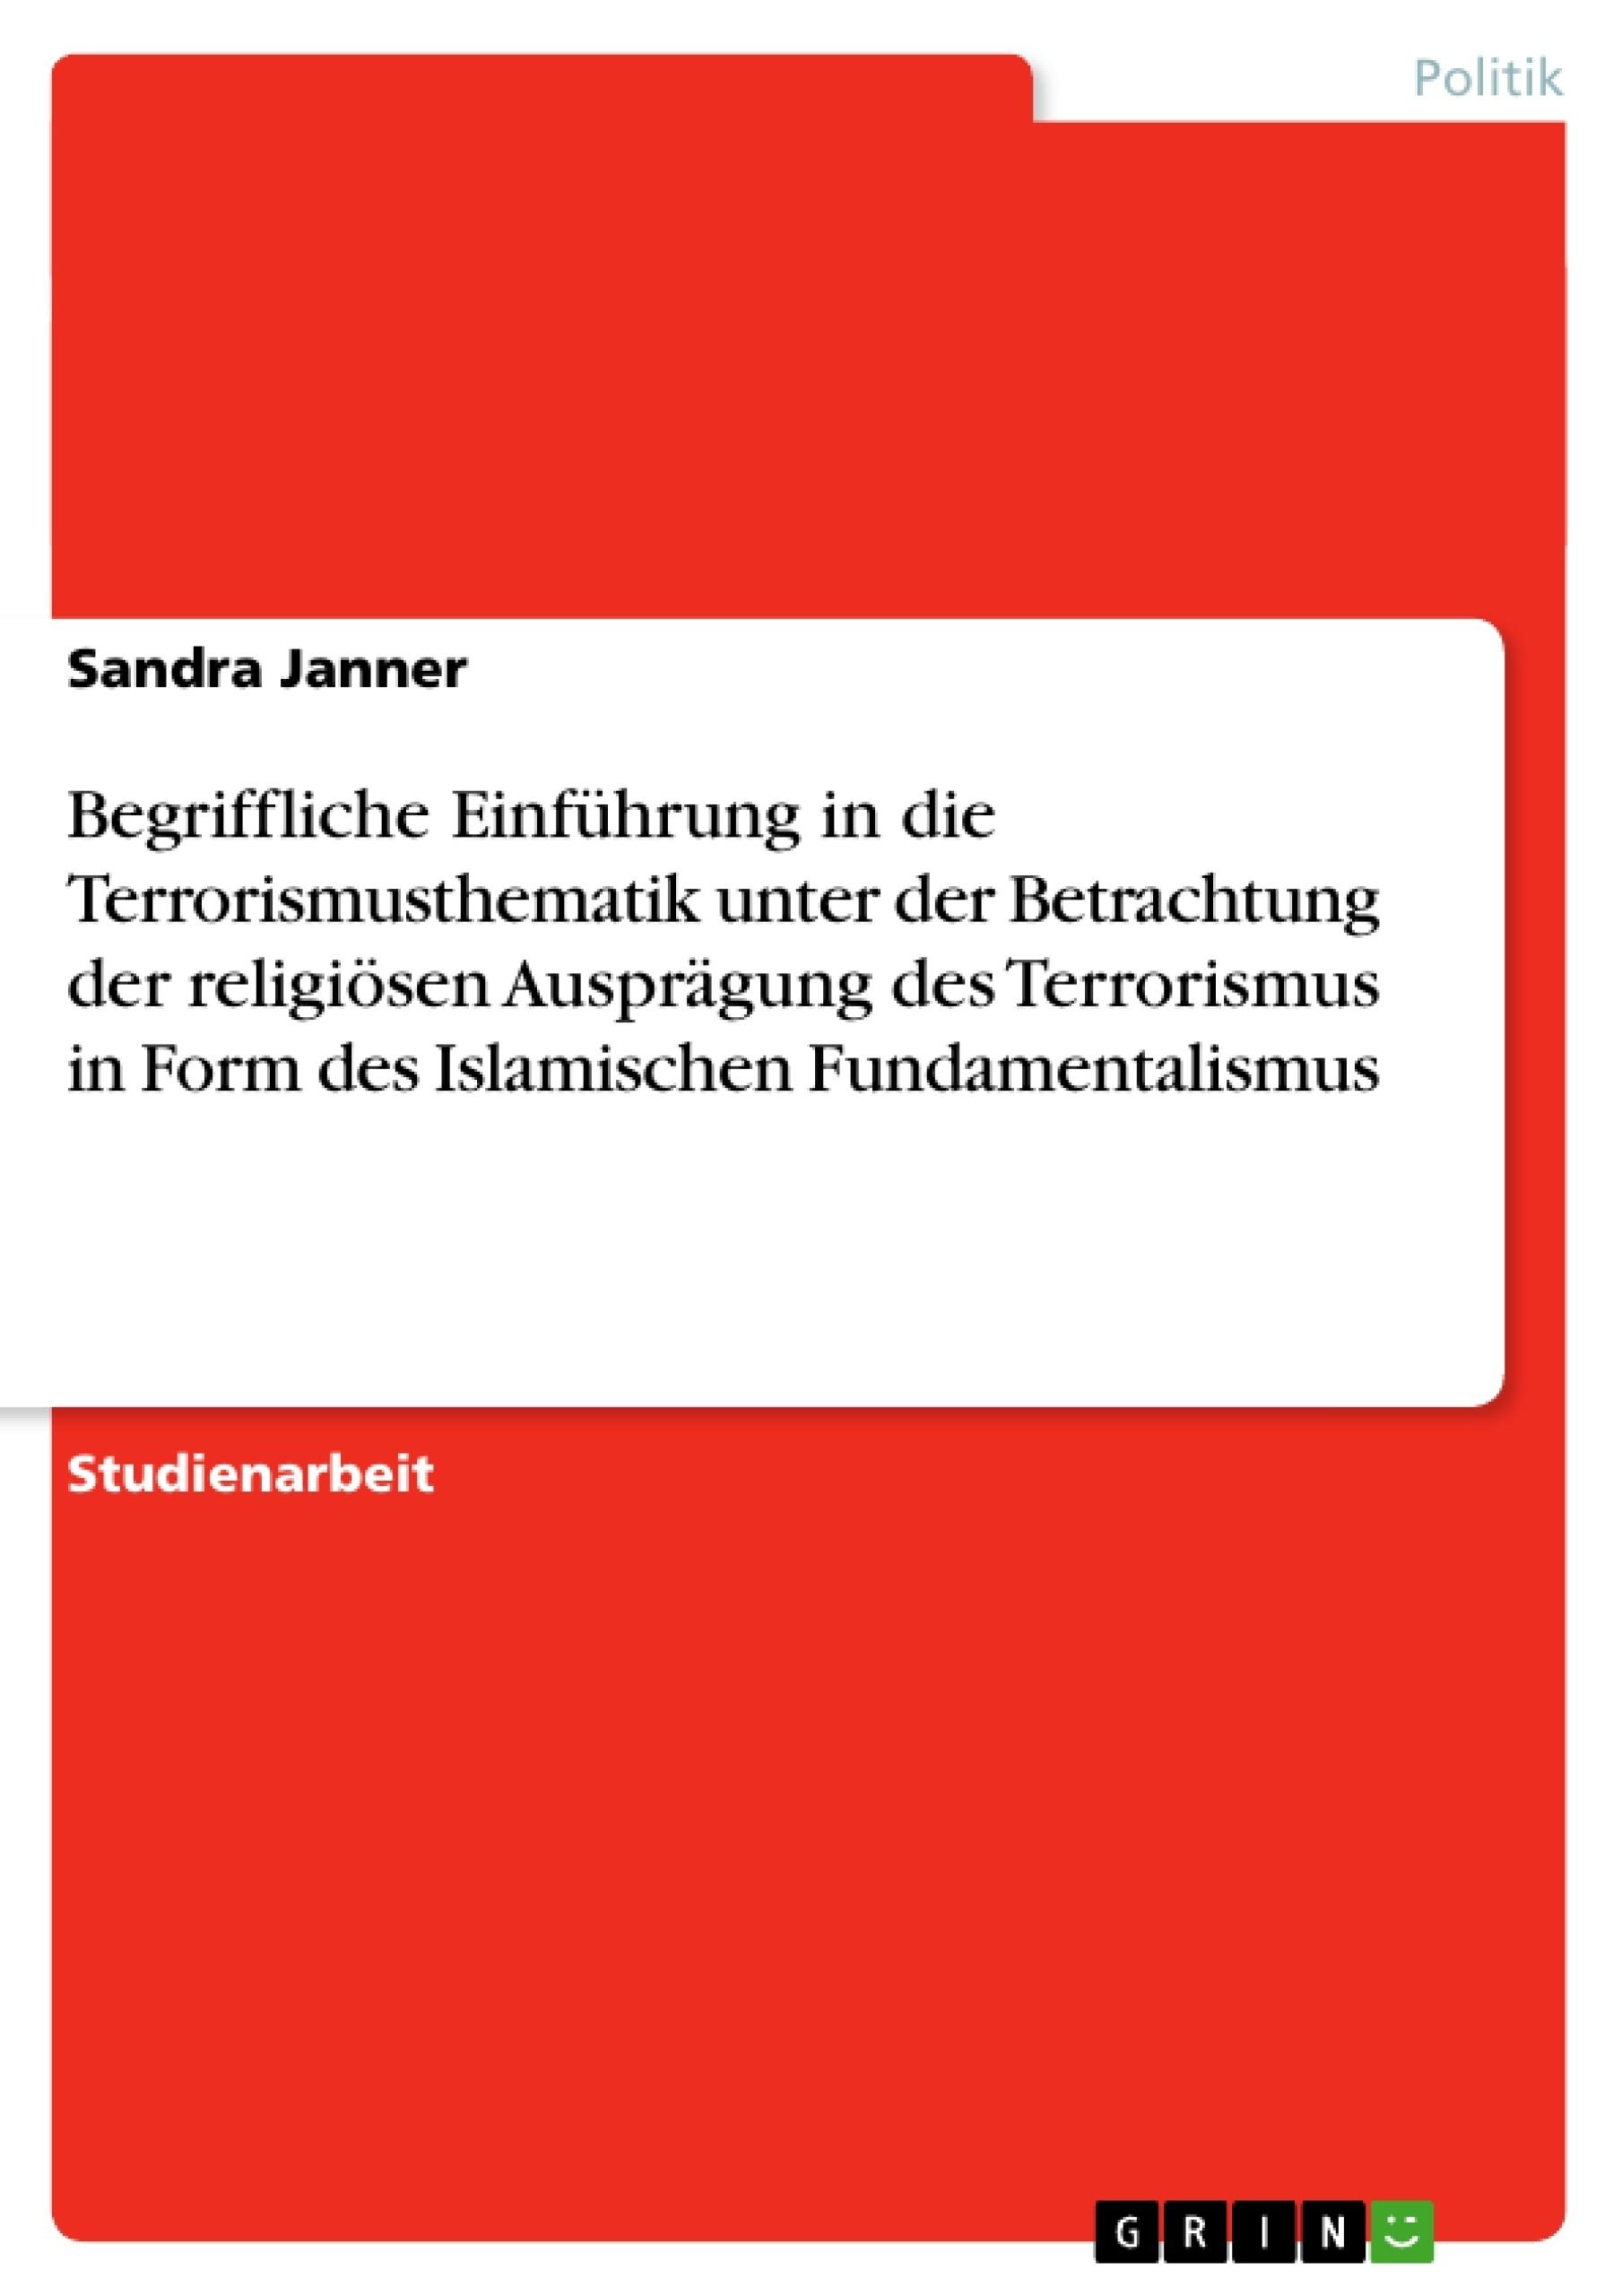 Titel: Begriffliche Einführung in die Terrorismusthematik unter der Betrachtung der religiösen Ausprägung des Terrorismus in Form des Islamischen Fundamentalismus